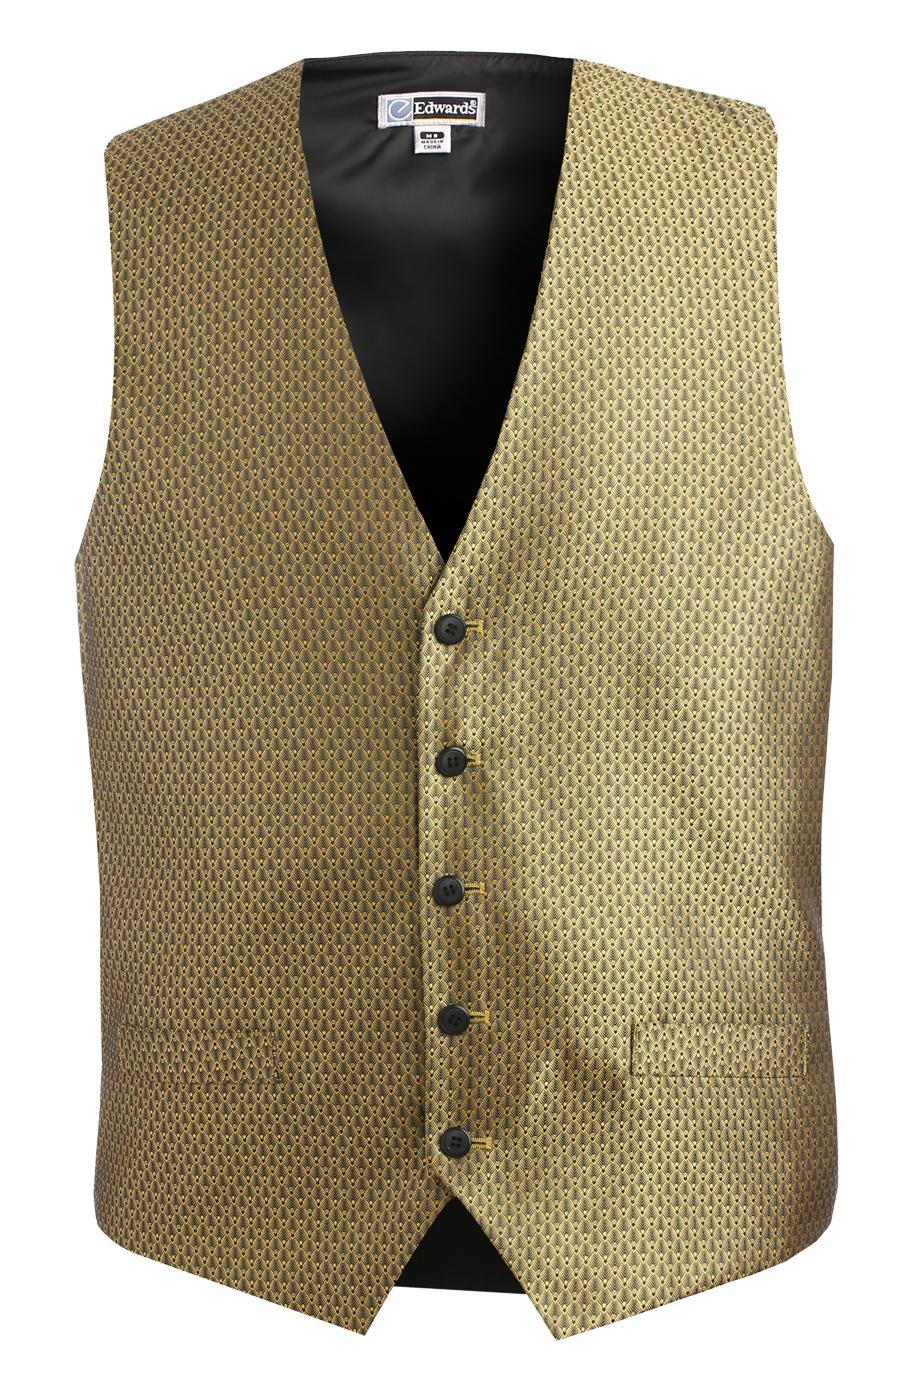 Men's Diamond Brocade Vest 4390